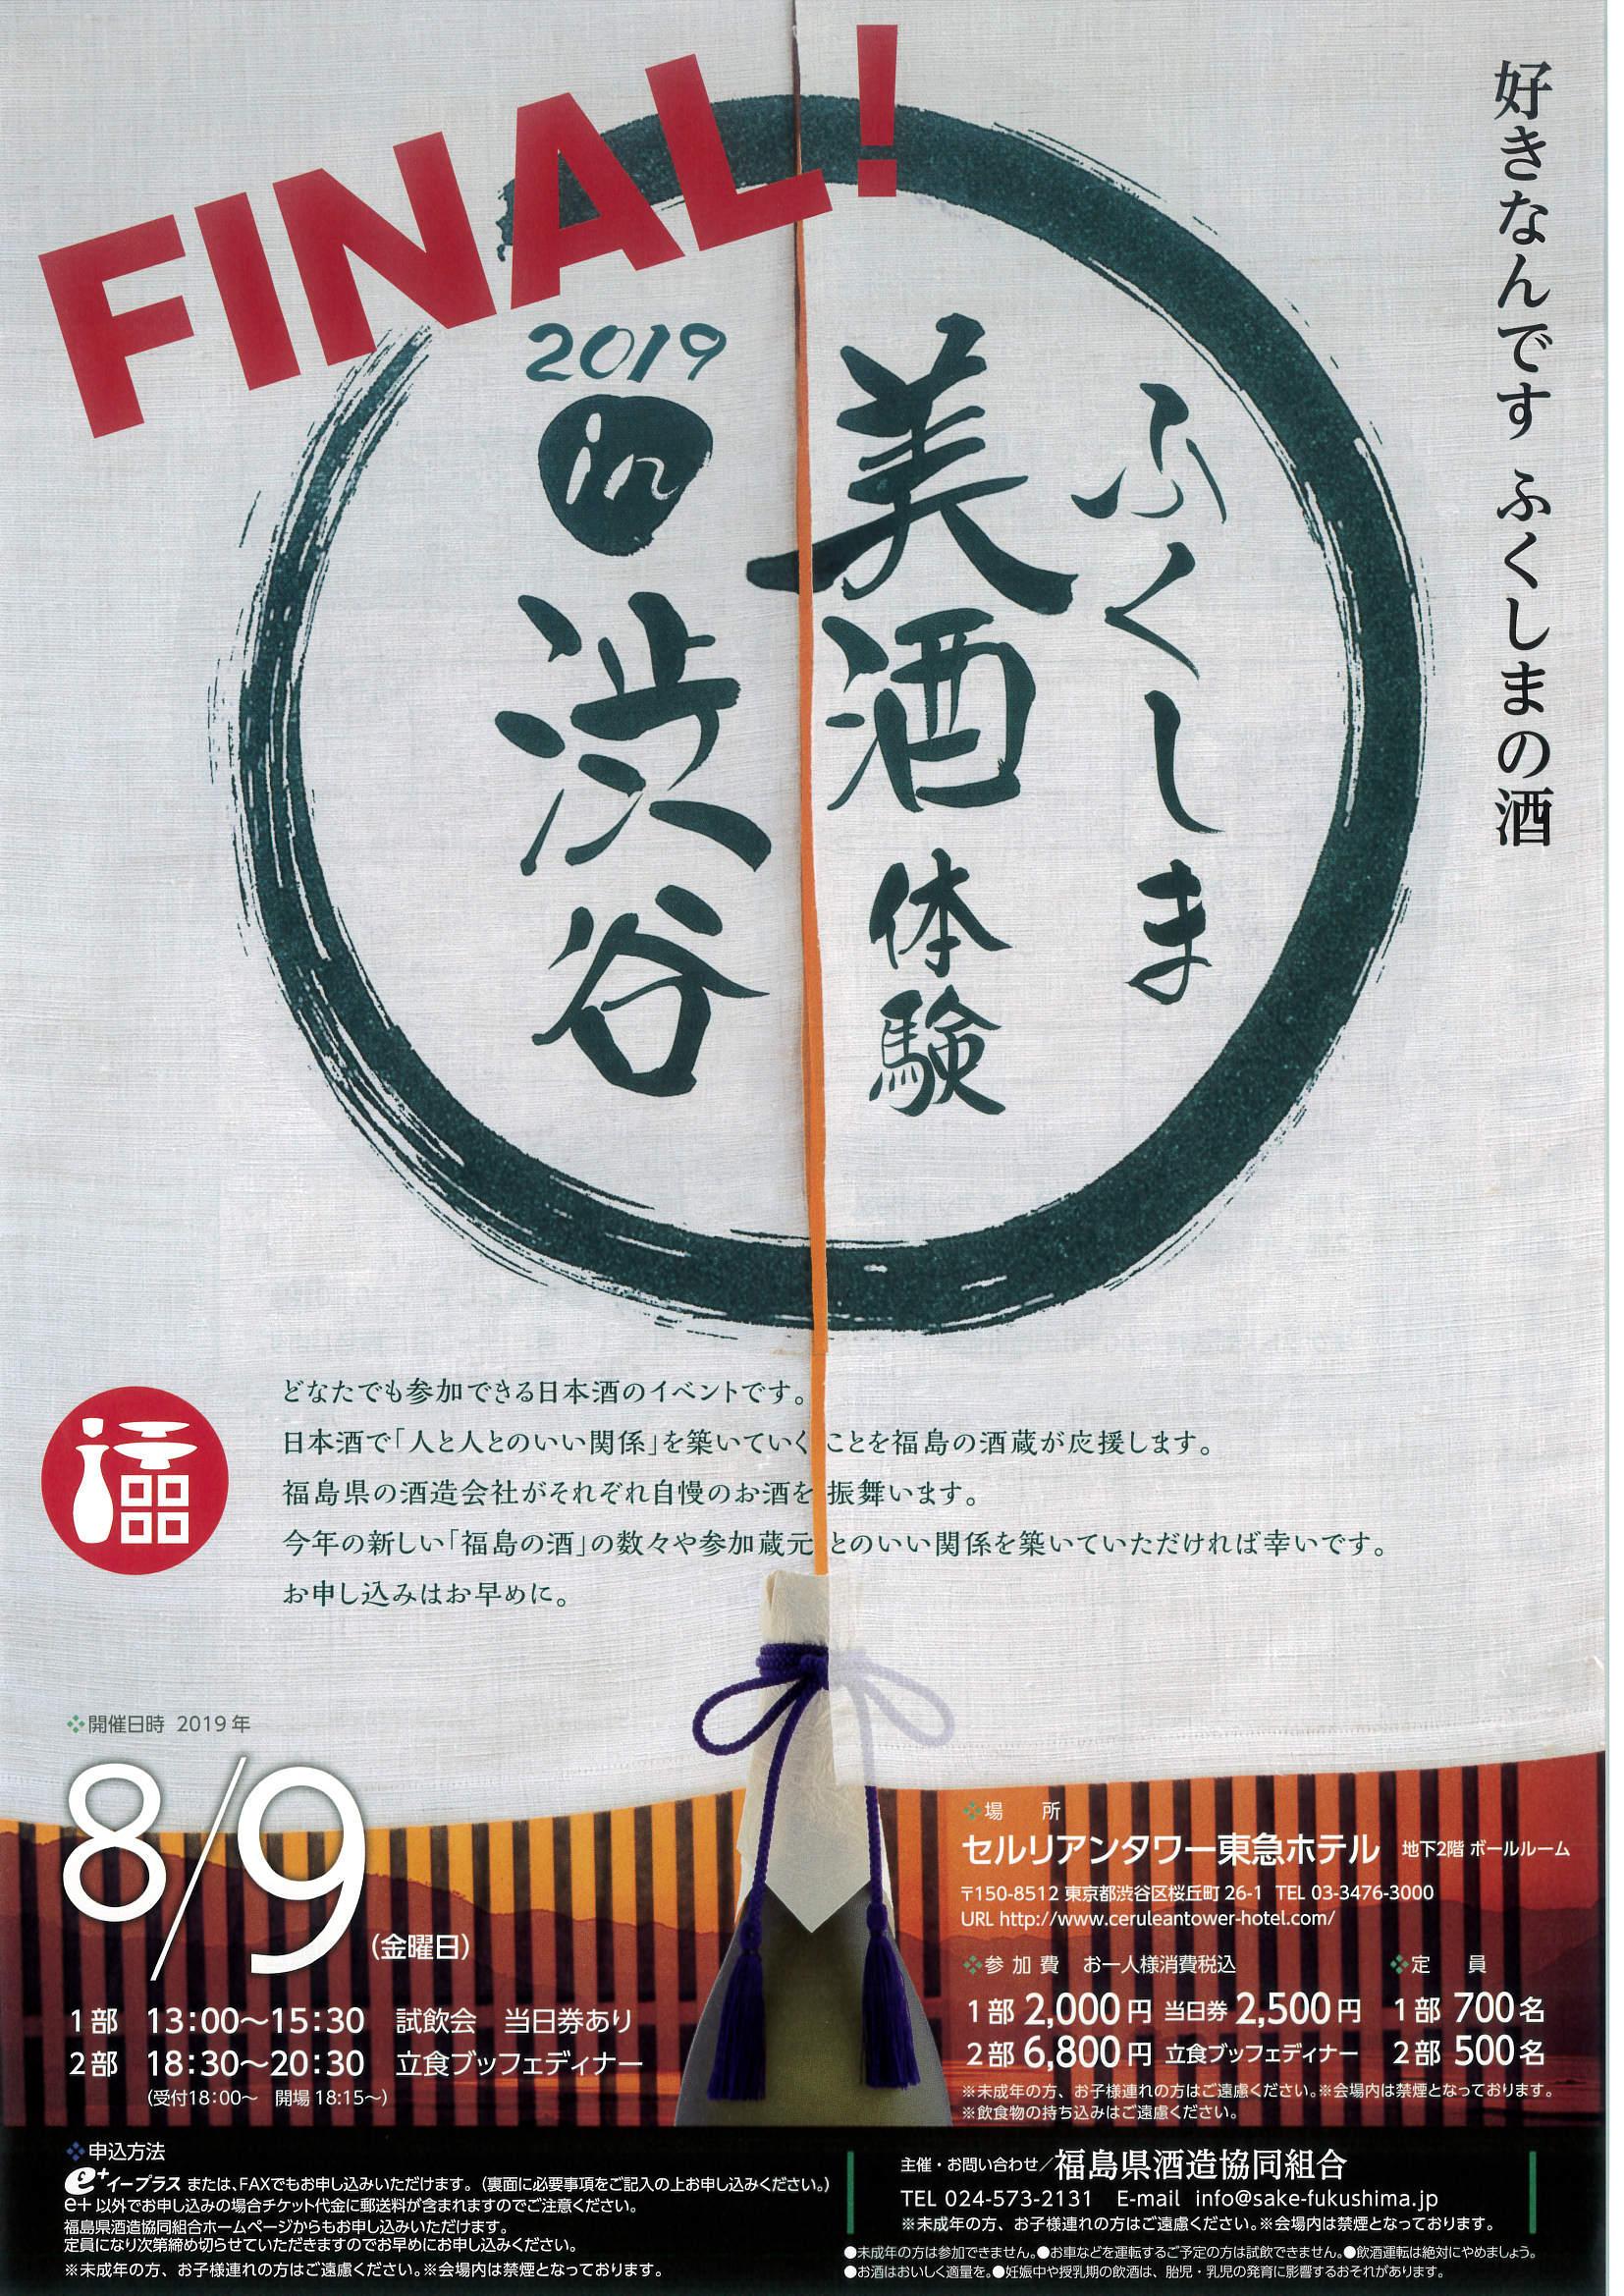 2019.08.09 ふくしま美酒体験チラシ.jpg